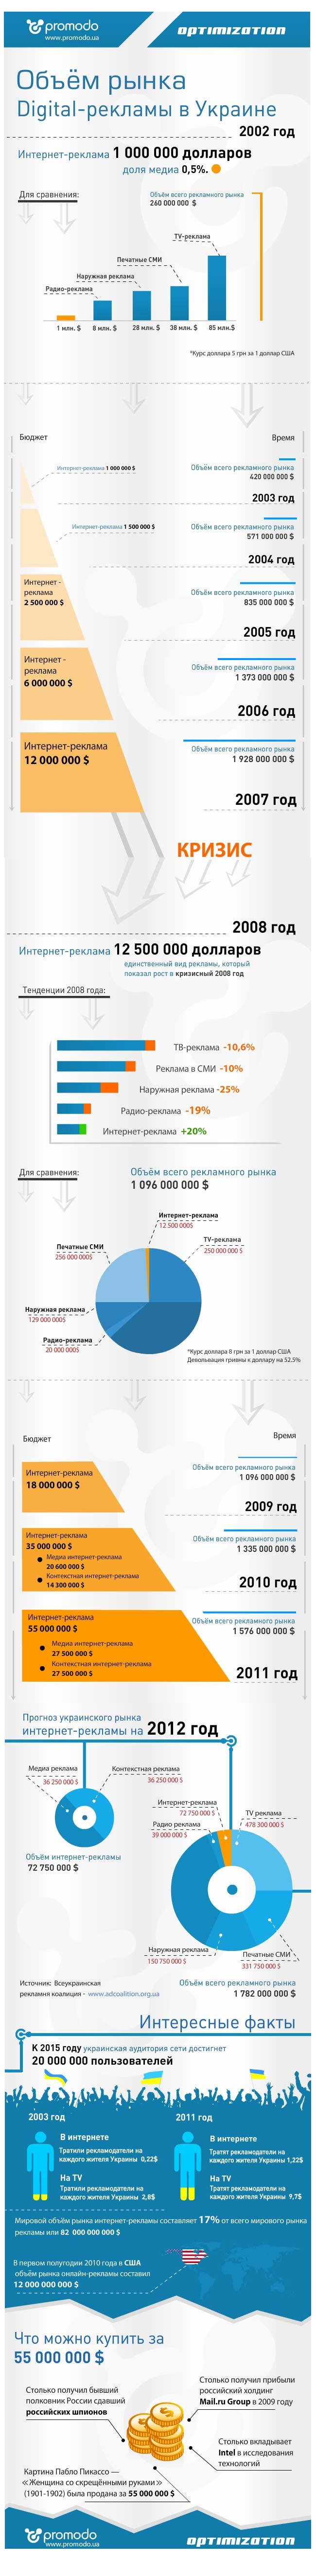 Инфографика Promodo